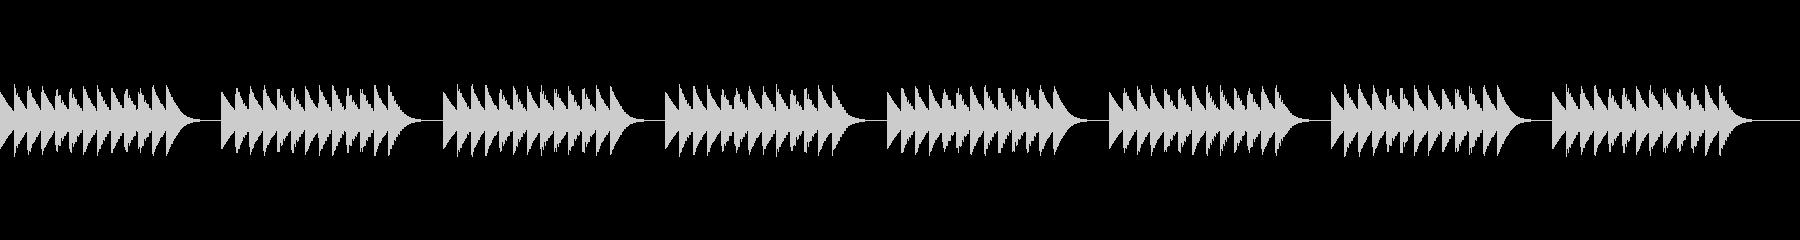 スマホ・ケータイ 着信音 発信音 (2)の未再生の波形